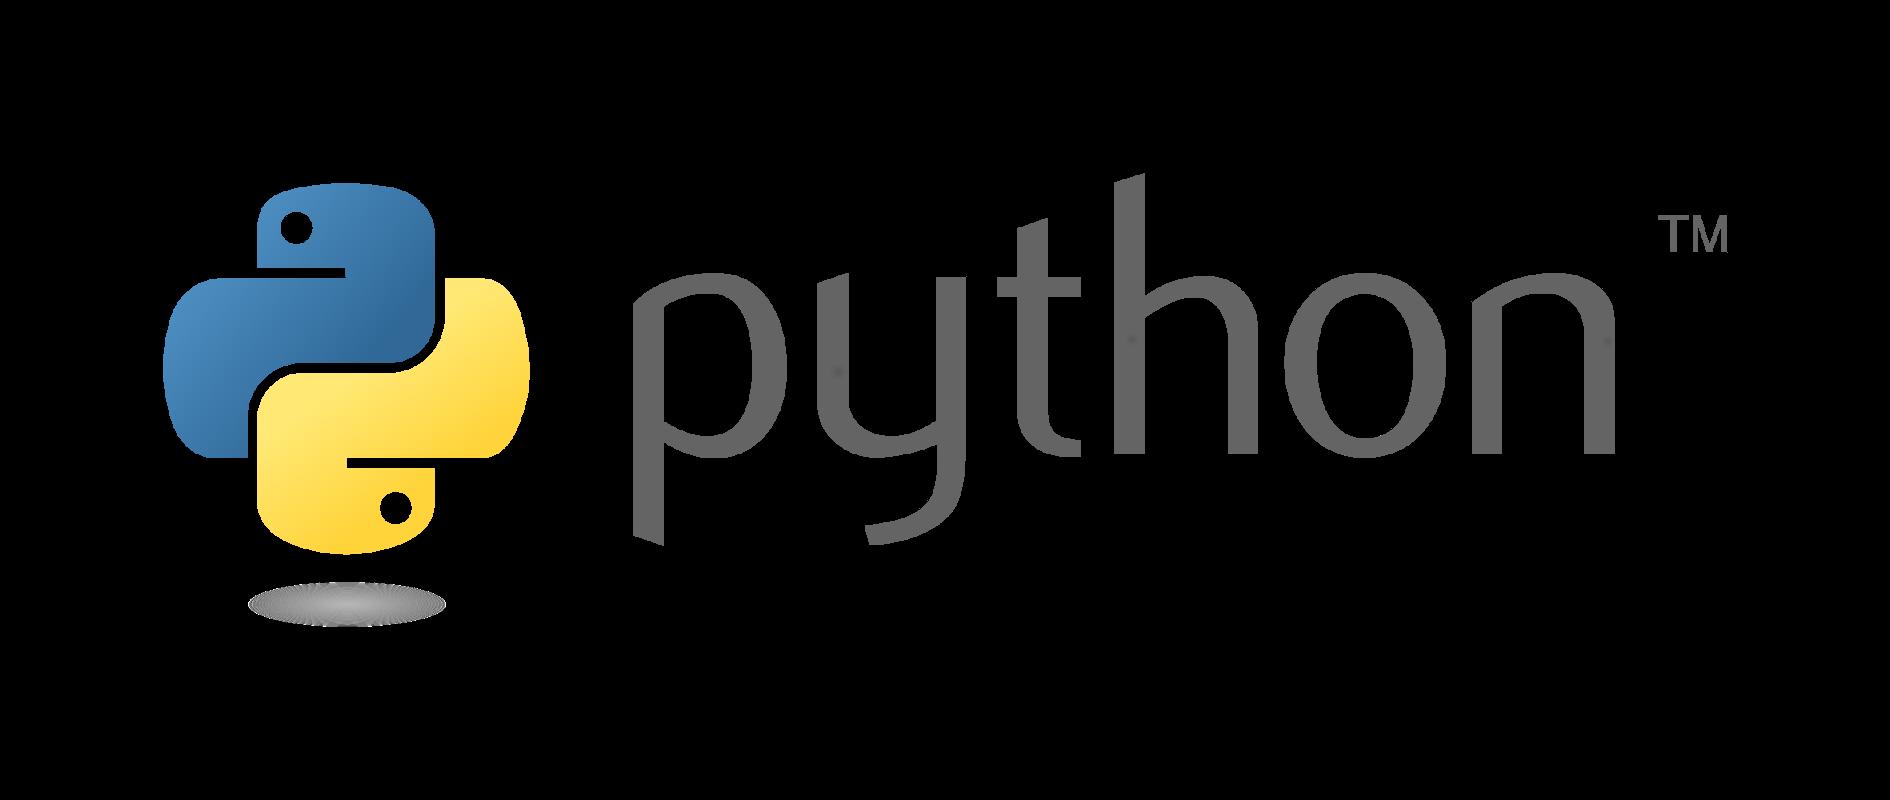 Python Backgrounds, Compatible - PC, Mobile, Gadgets  1890x800 px